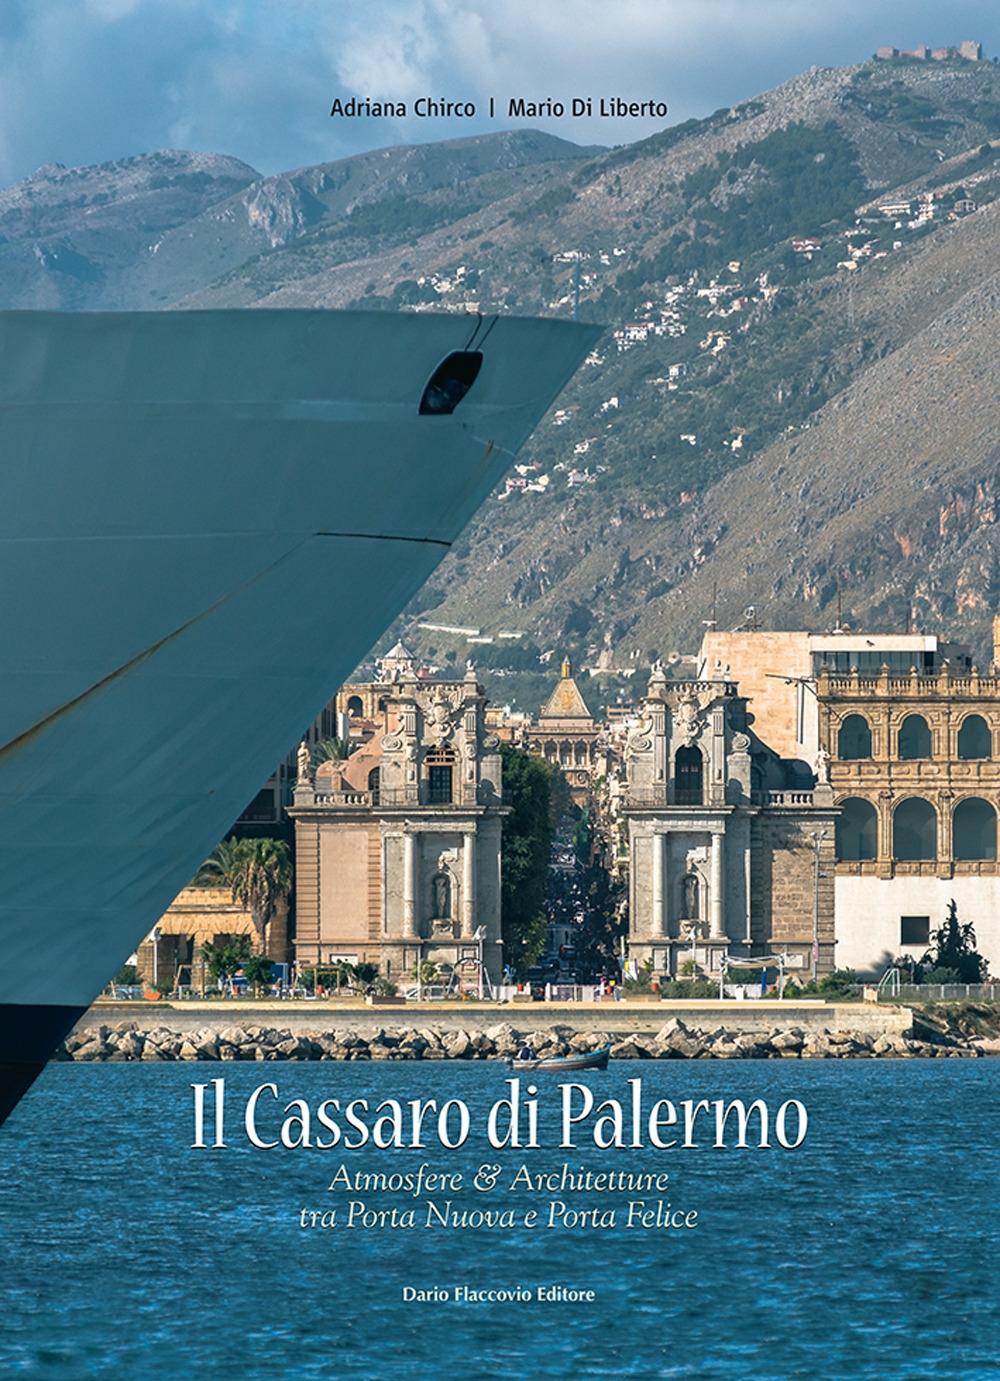 Il Cassaro di Palermo. Atmosfere e architetture tra Porta Nuova & Porta Felice. Ediz. illustrata